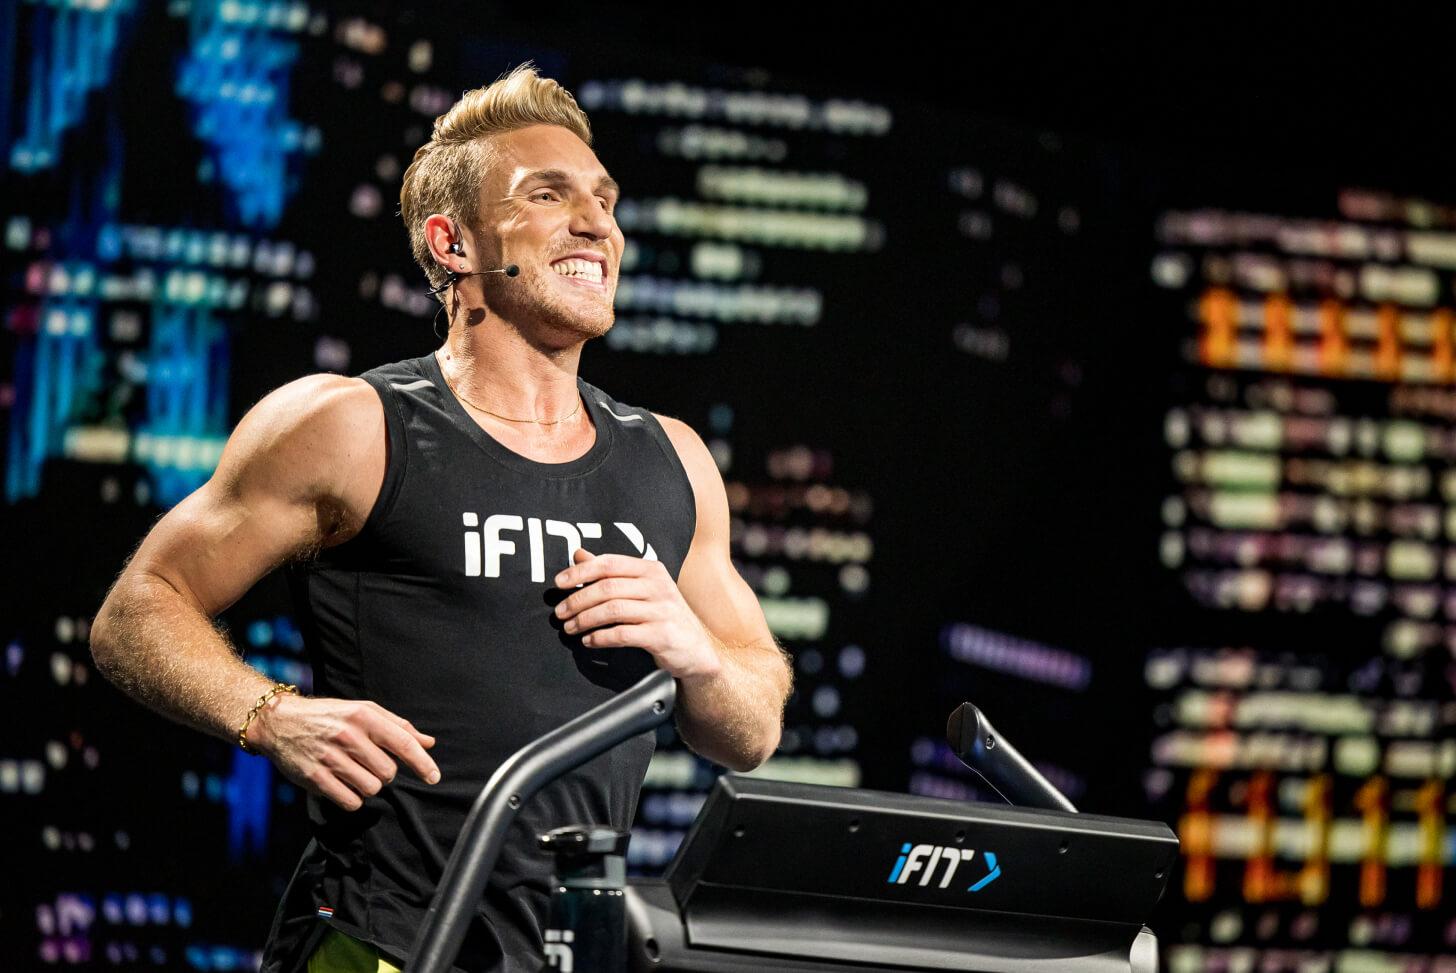 iFIT Trainer Jesse Corbin running workout